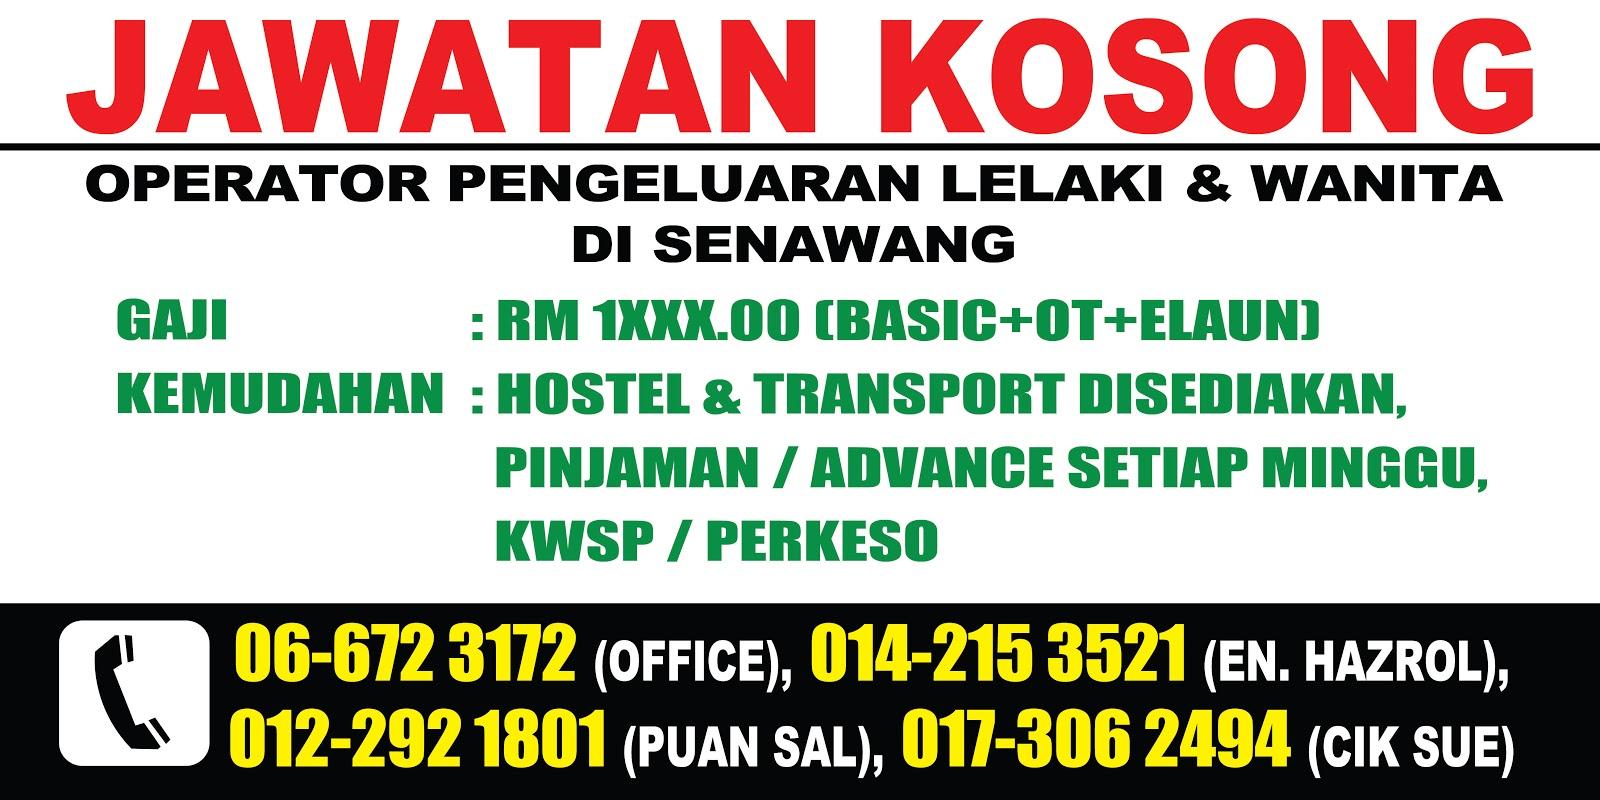 Terbuka Kepada Semua Warga Malaysia